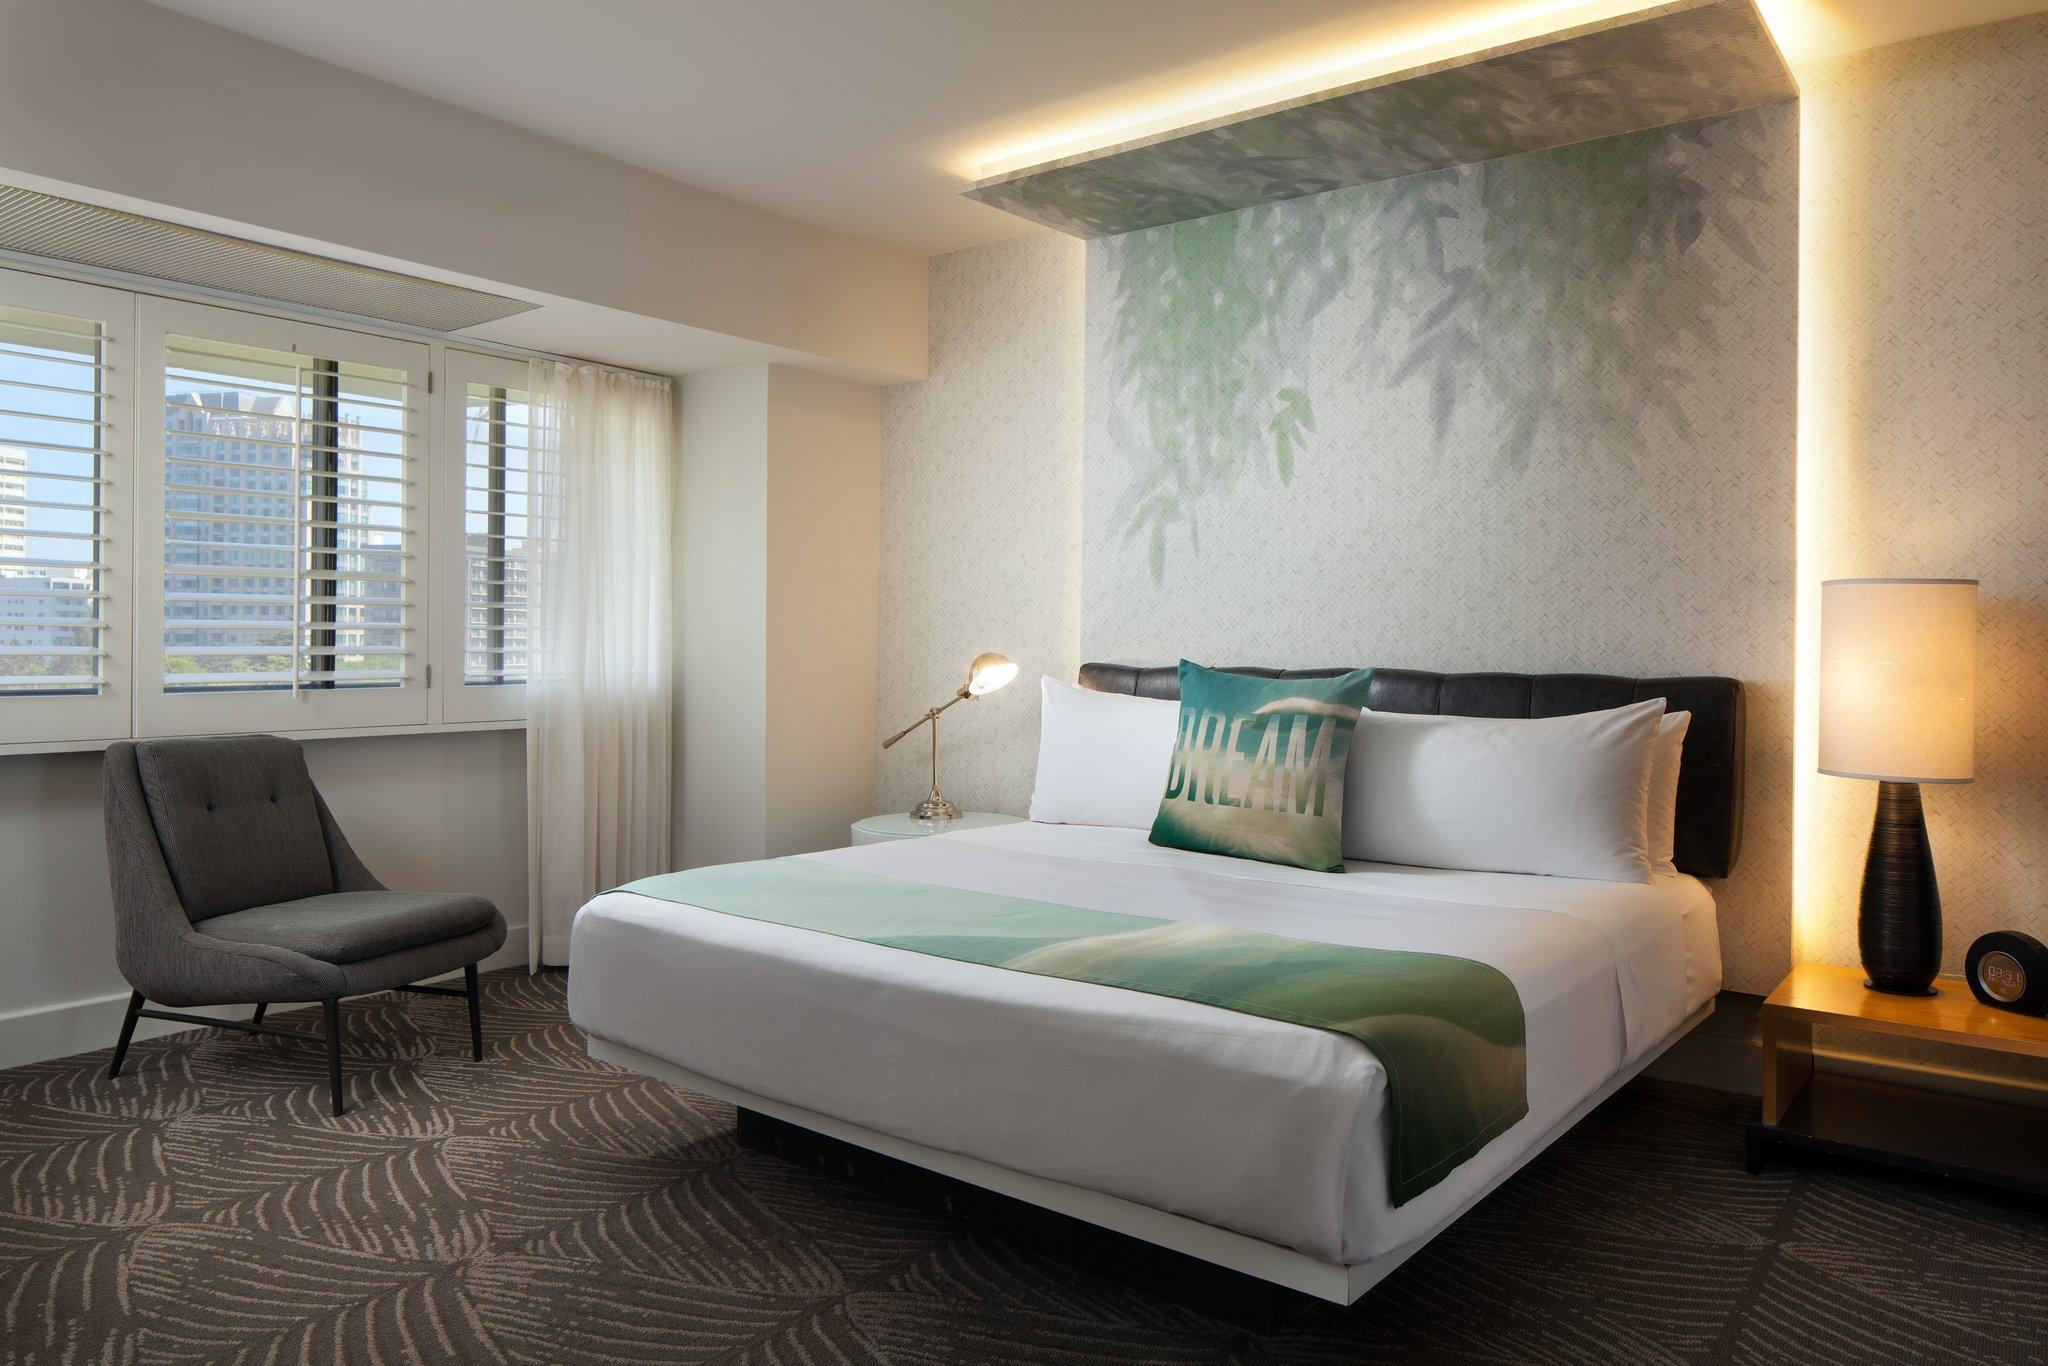 Fabulous Suite, 2 Bedroom Suite, 1 King or 1 Queen